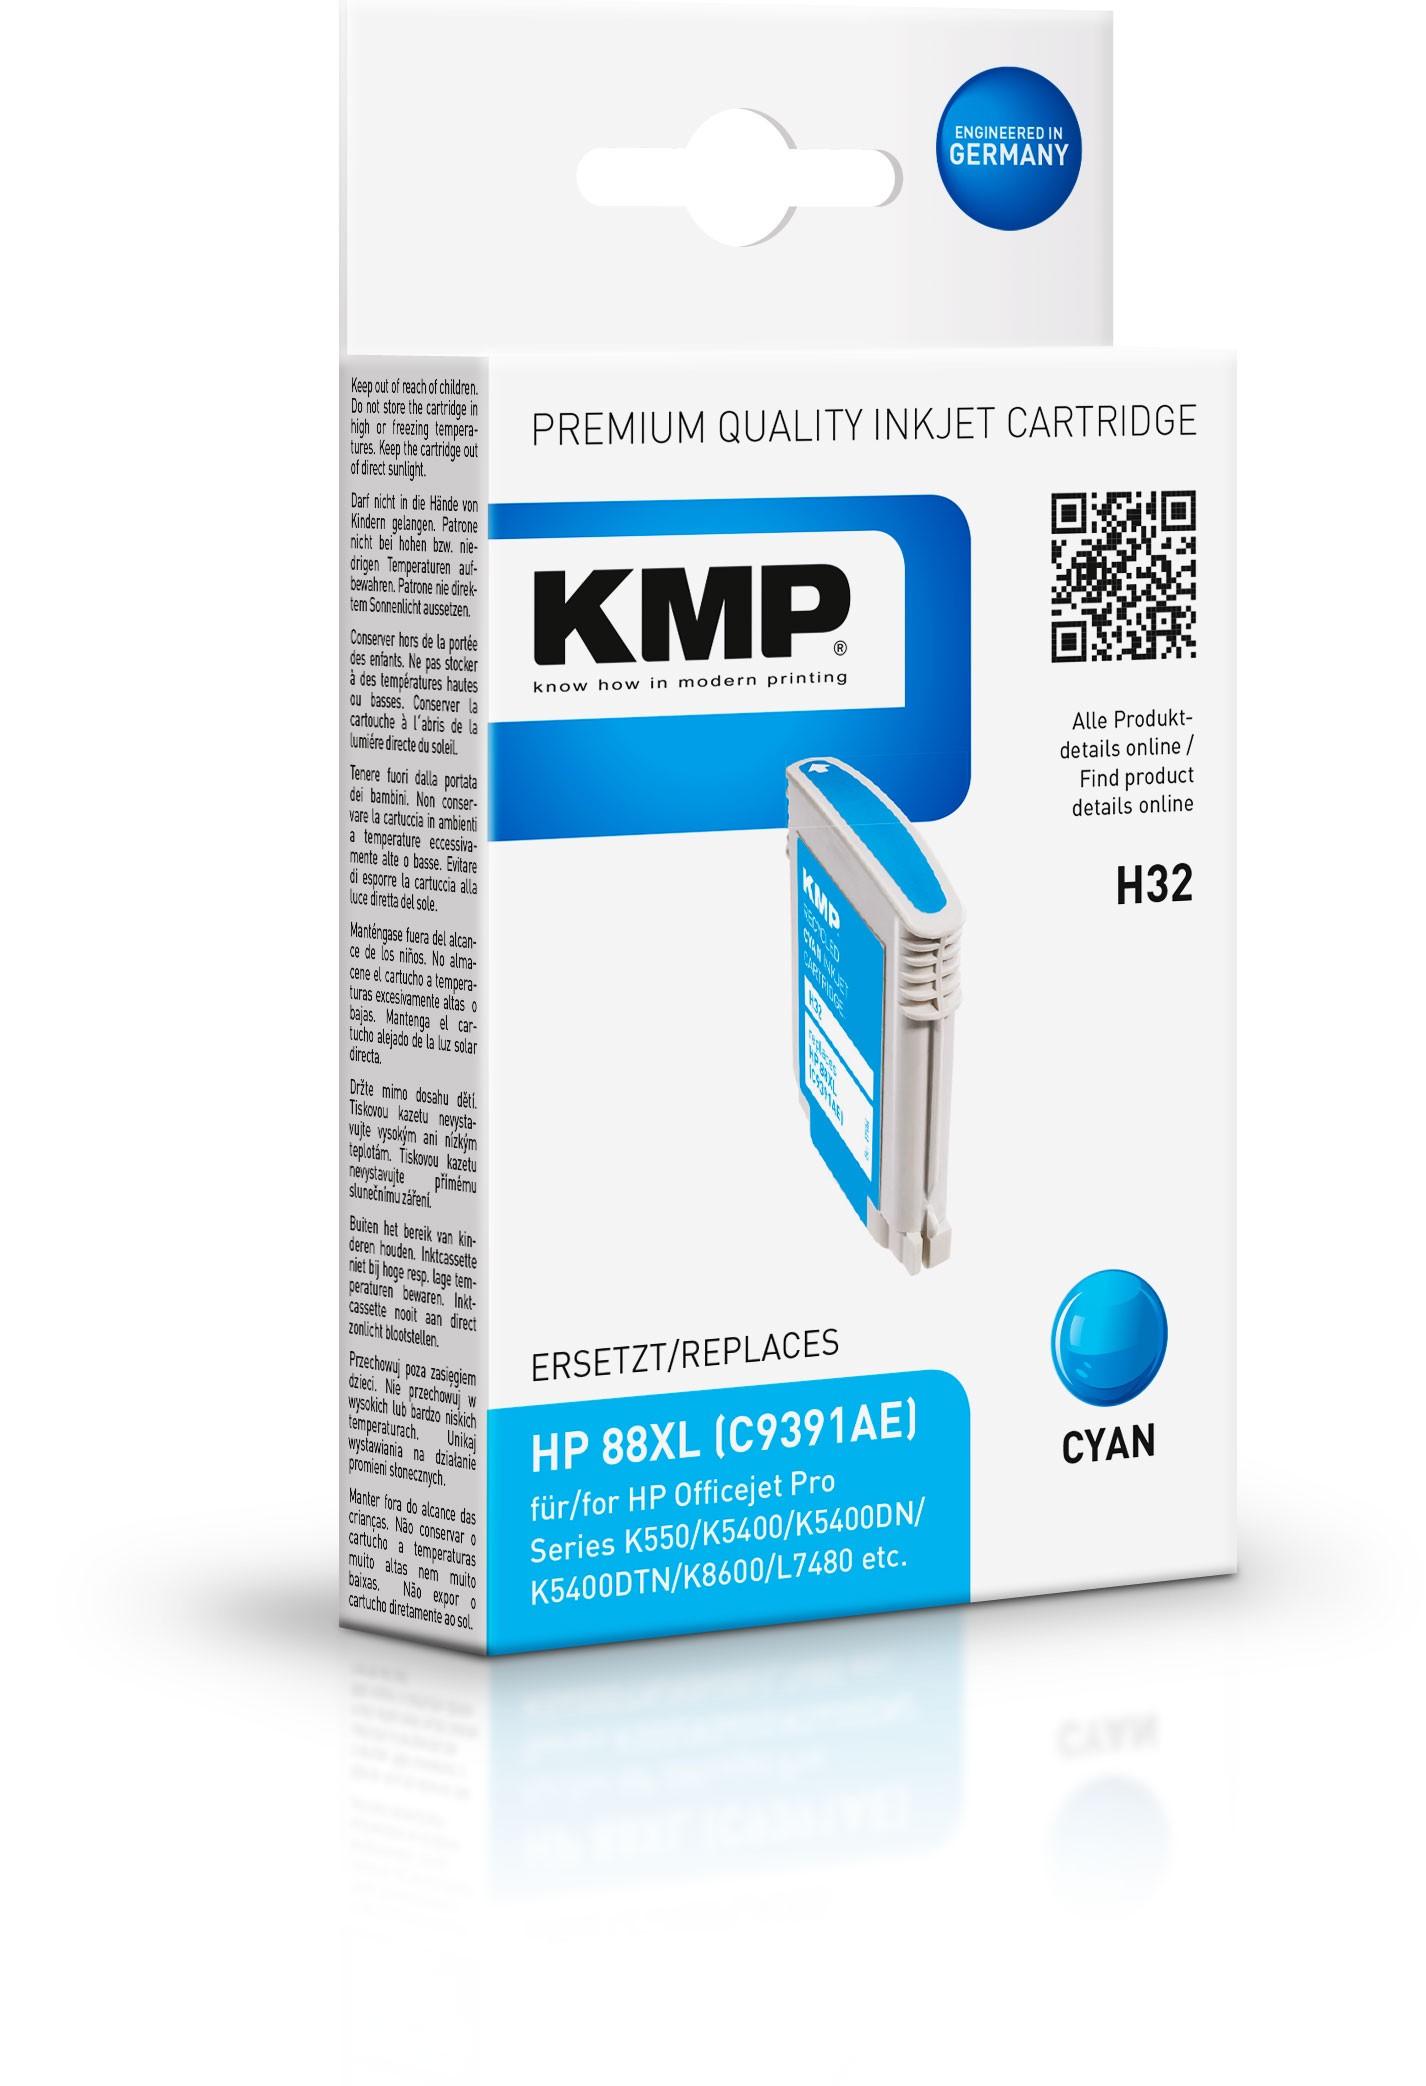 Vorschau: KMP Patrone H32 komp. C9391AE HP 88XL für HP Officejet Pro K550